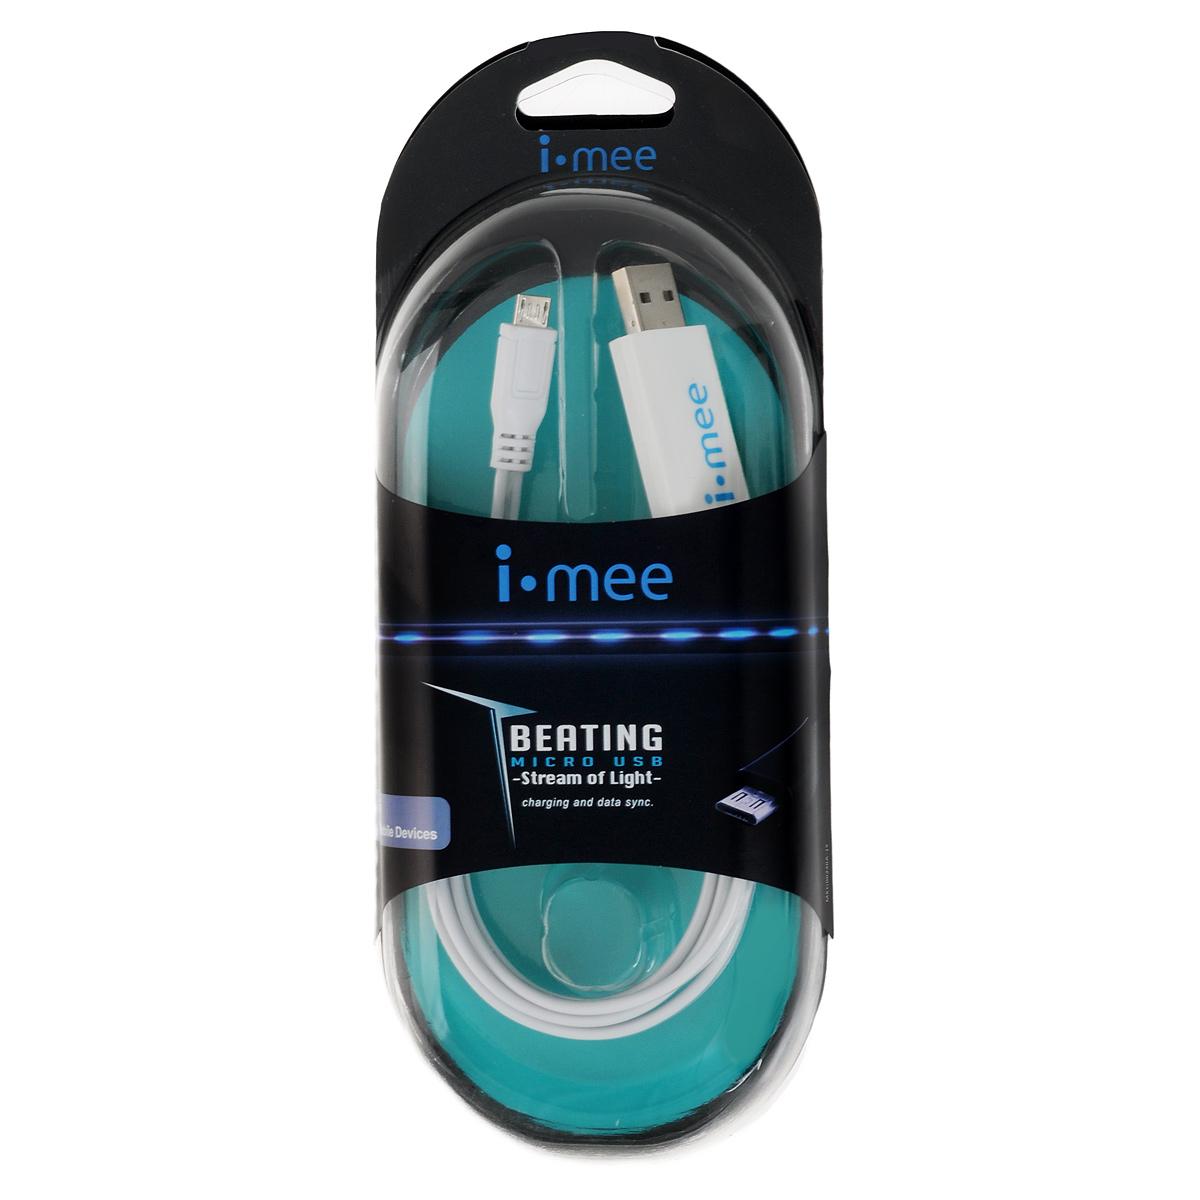 i-Mee Beating кабель для Micro USB, White21163i-Mee Beating - MicroUSB кабель для зарядки Вашего коммуникатора. Эффектная неоновая подсветка внутри кабеля не только завораживает Ваш взгляд, но и информирует о состоянии зарядки аккумулятора. Также Вы можете использовать этот кабель и для синхронизации.